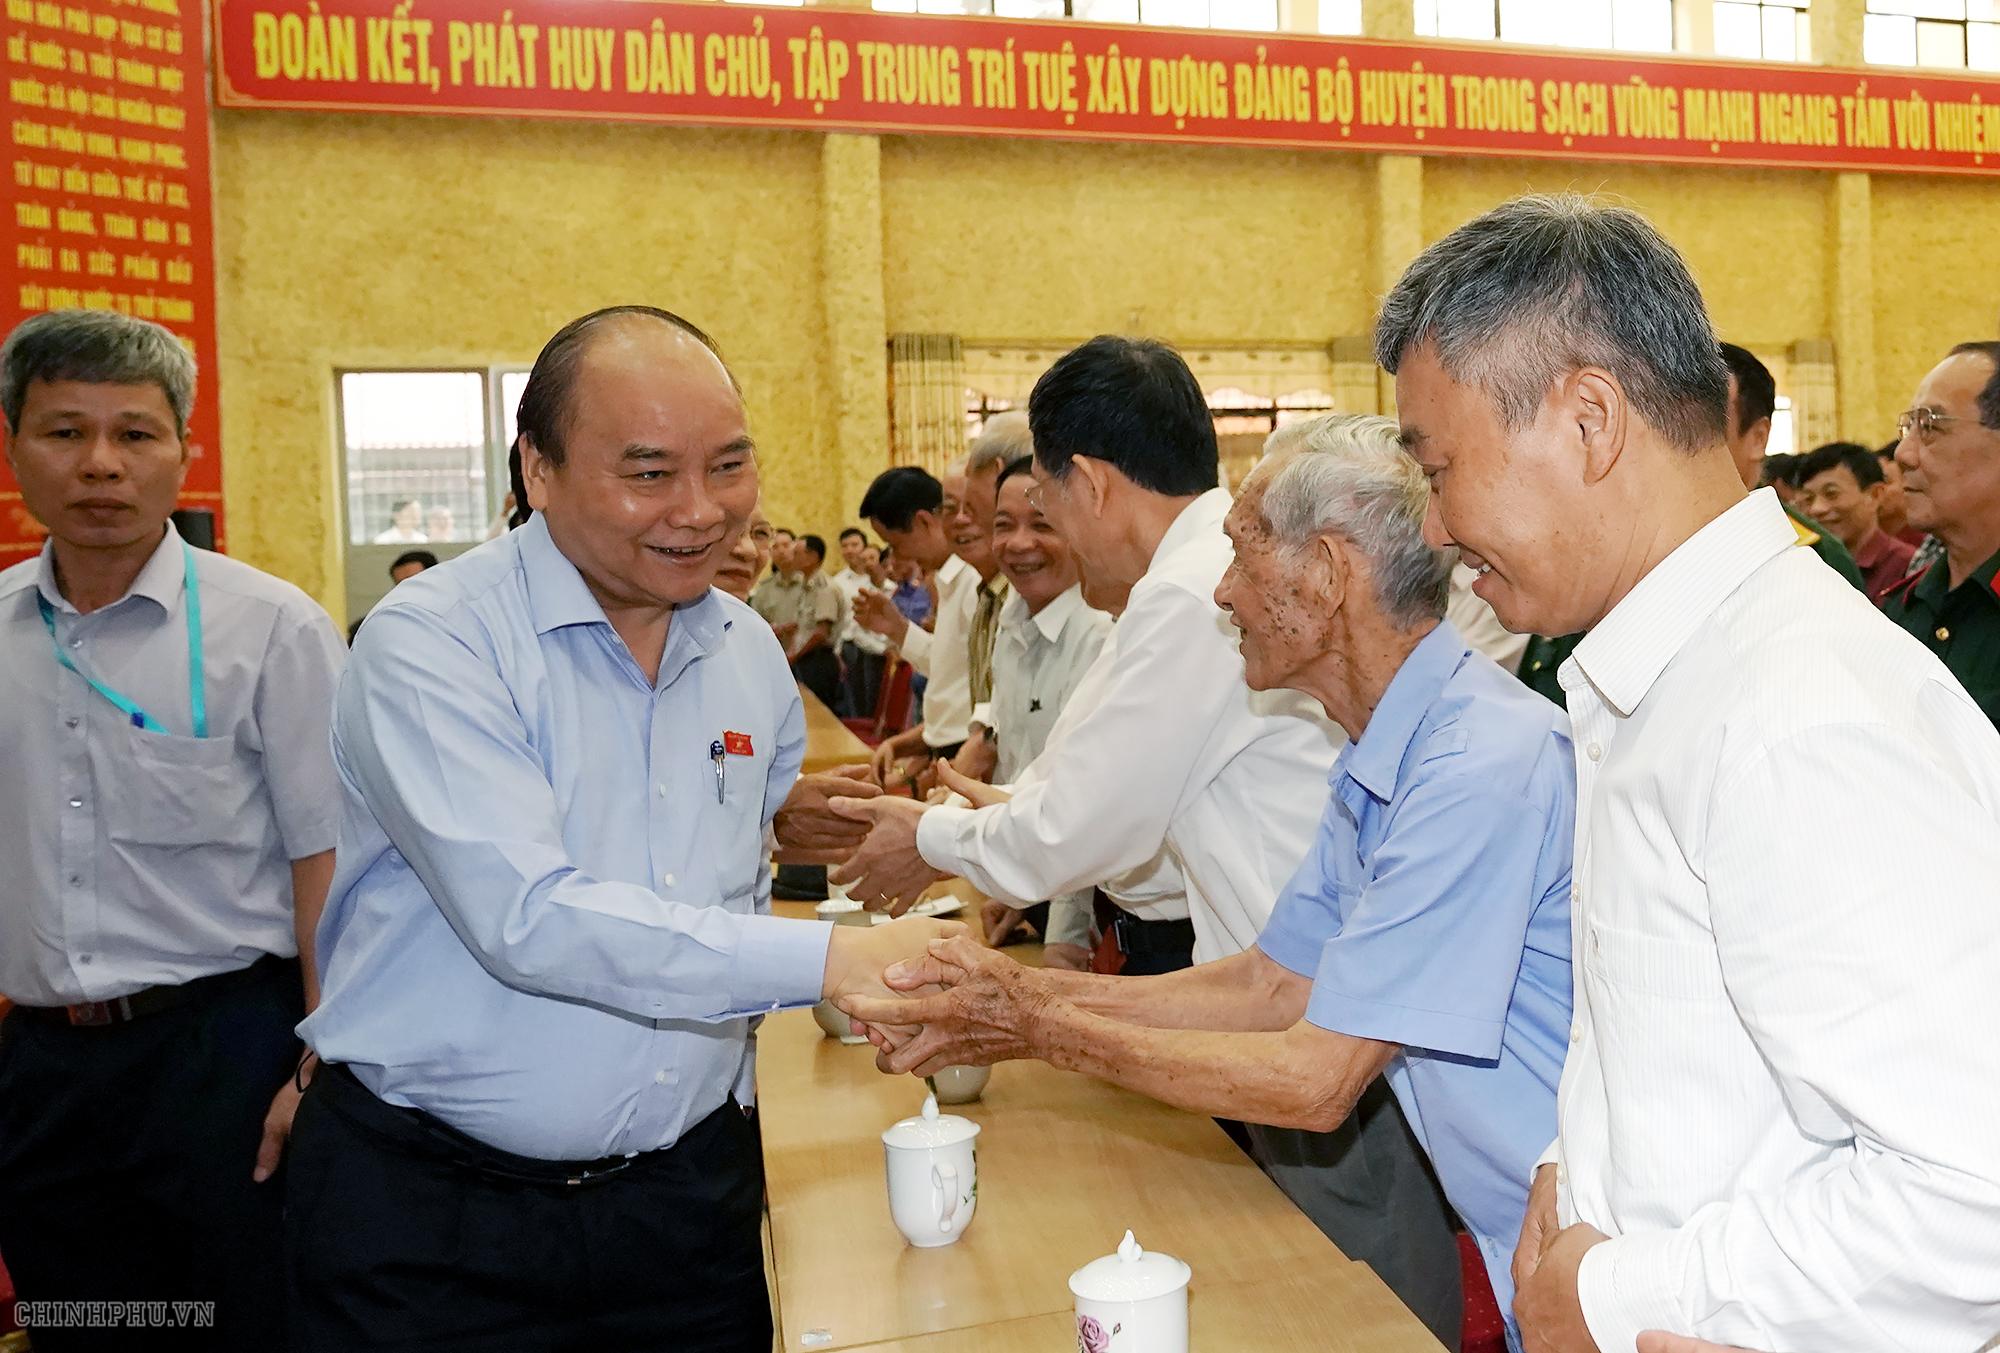 THỜI SỰ 18H CHIỀU NGÀY 10/5/2019: Thủ tướng Nguyễn Xuân Phúc tiếp xúc cử tri huyện Kiến Thụy, làm việc với Ban Thường vụ Thành ủy Hải phòng.